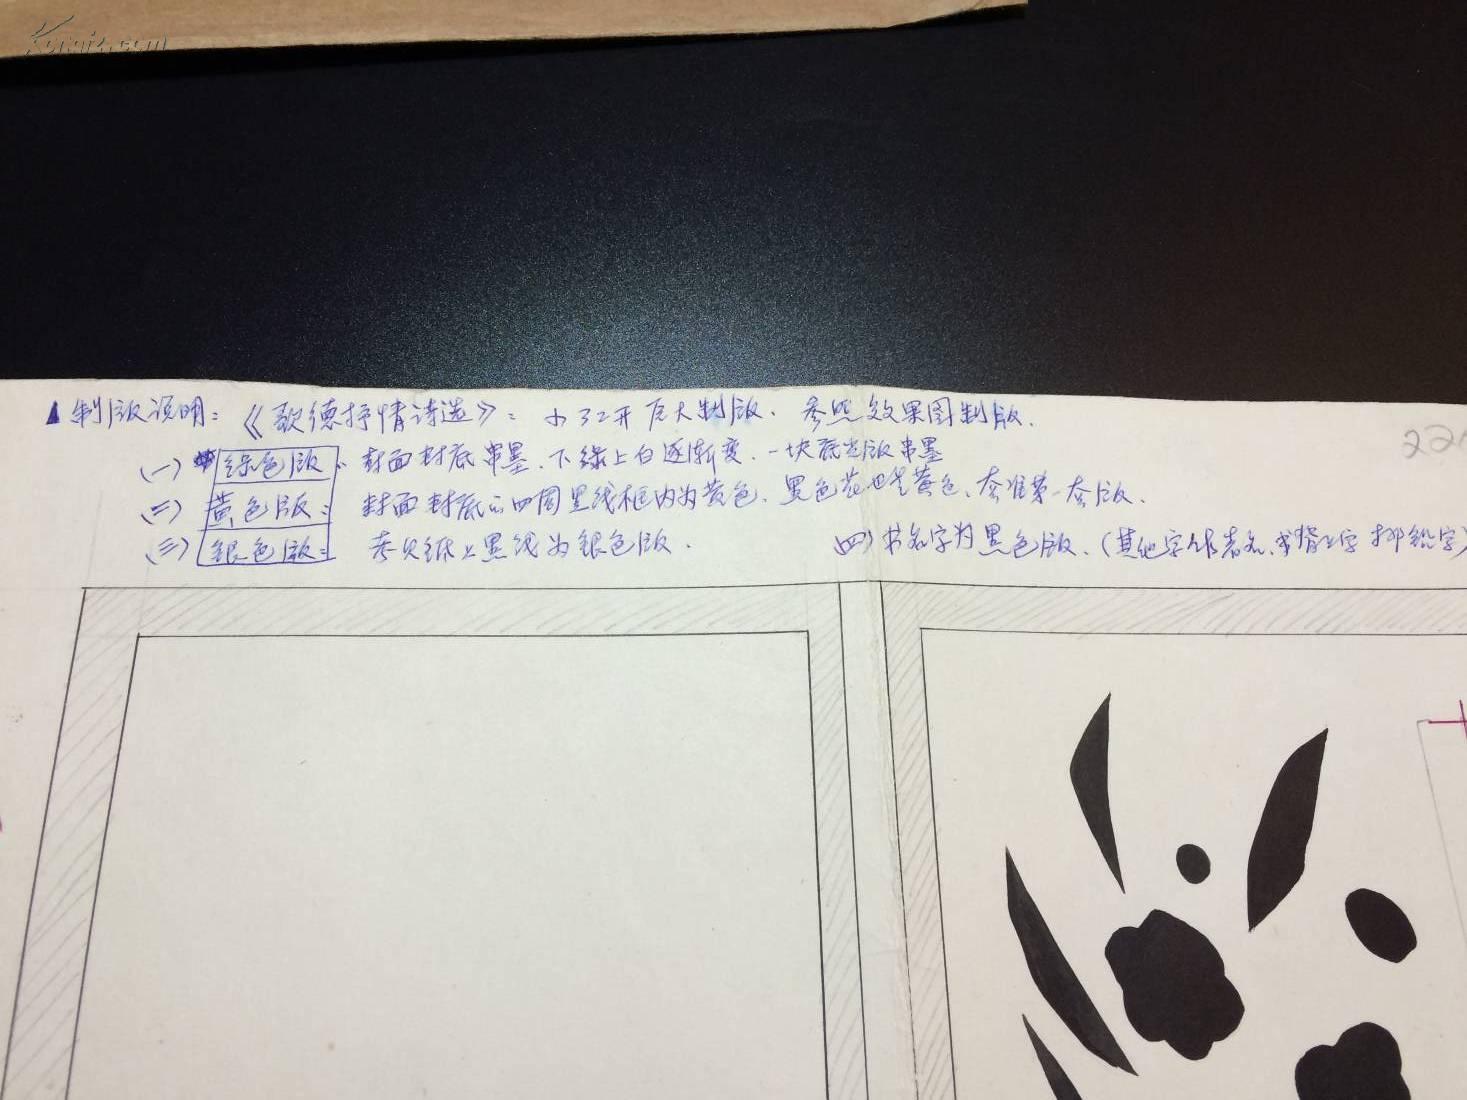 小学纪念册封面设计 成长纪念册封面 毕业纪念册封面设计